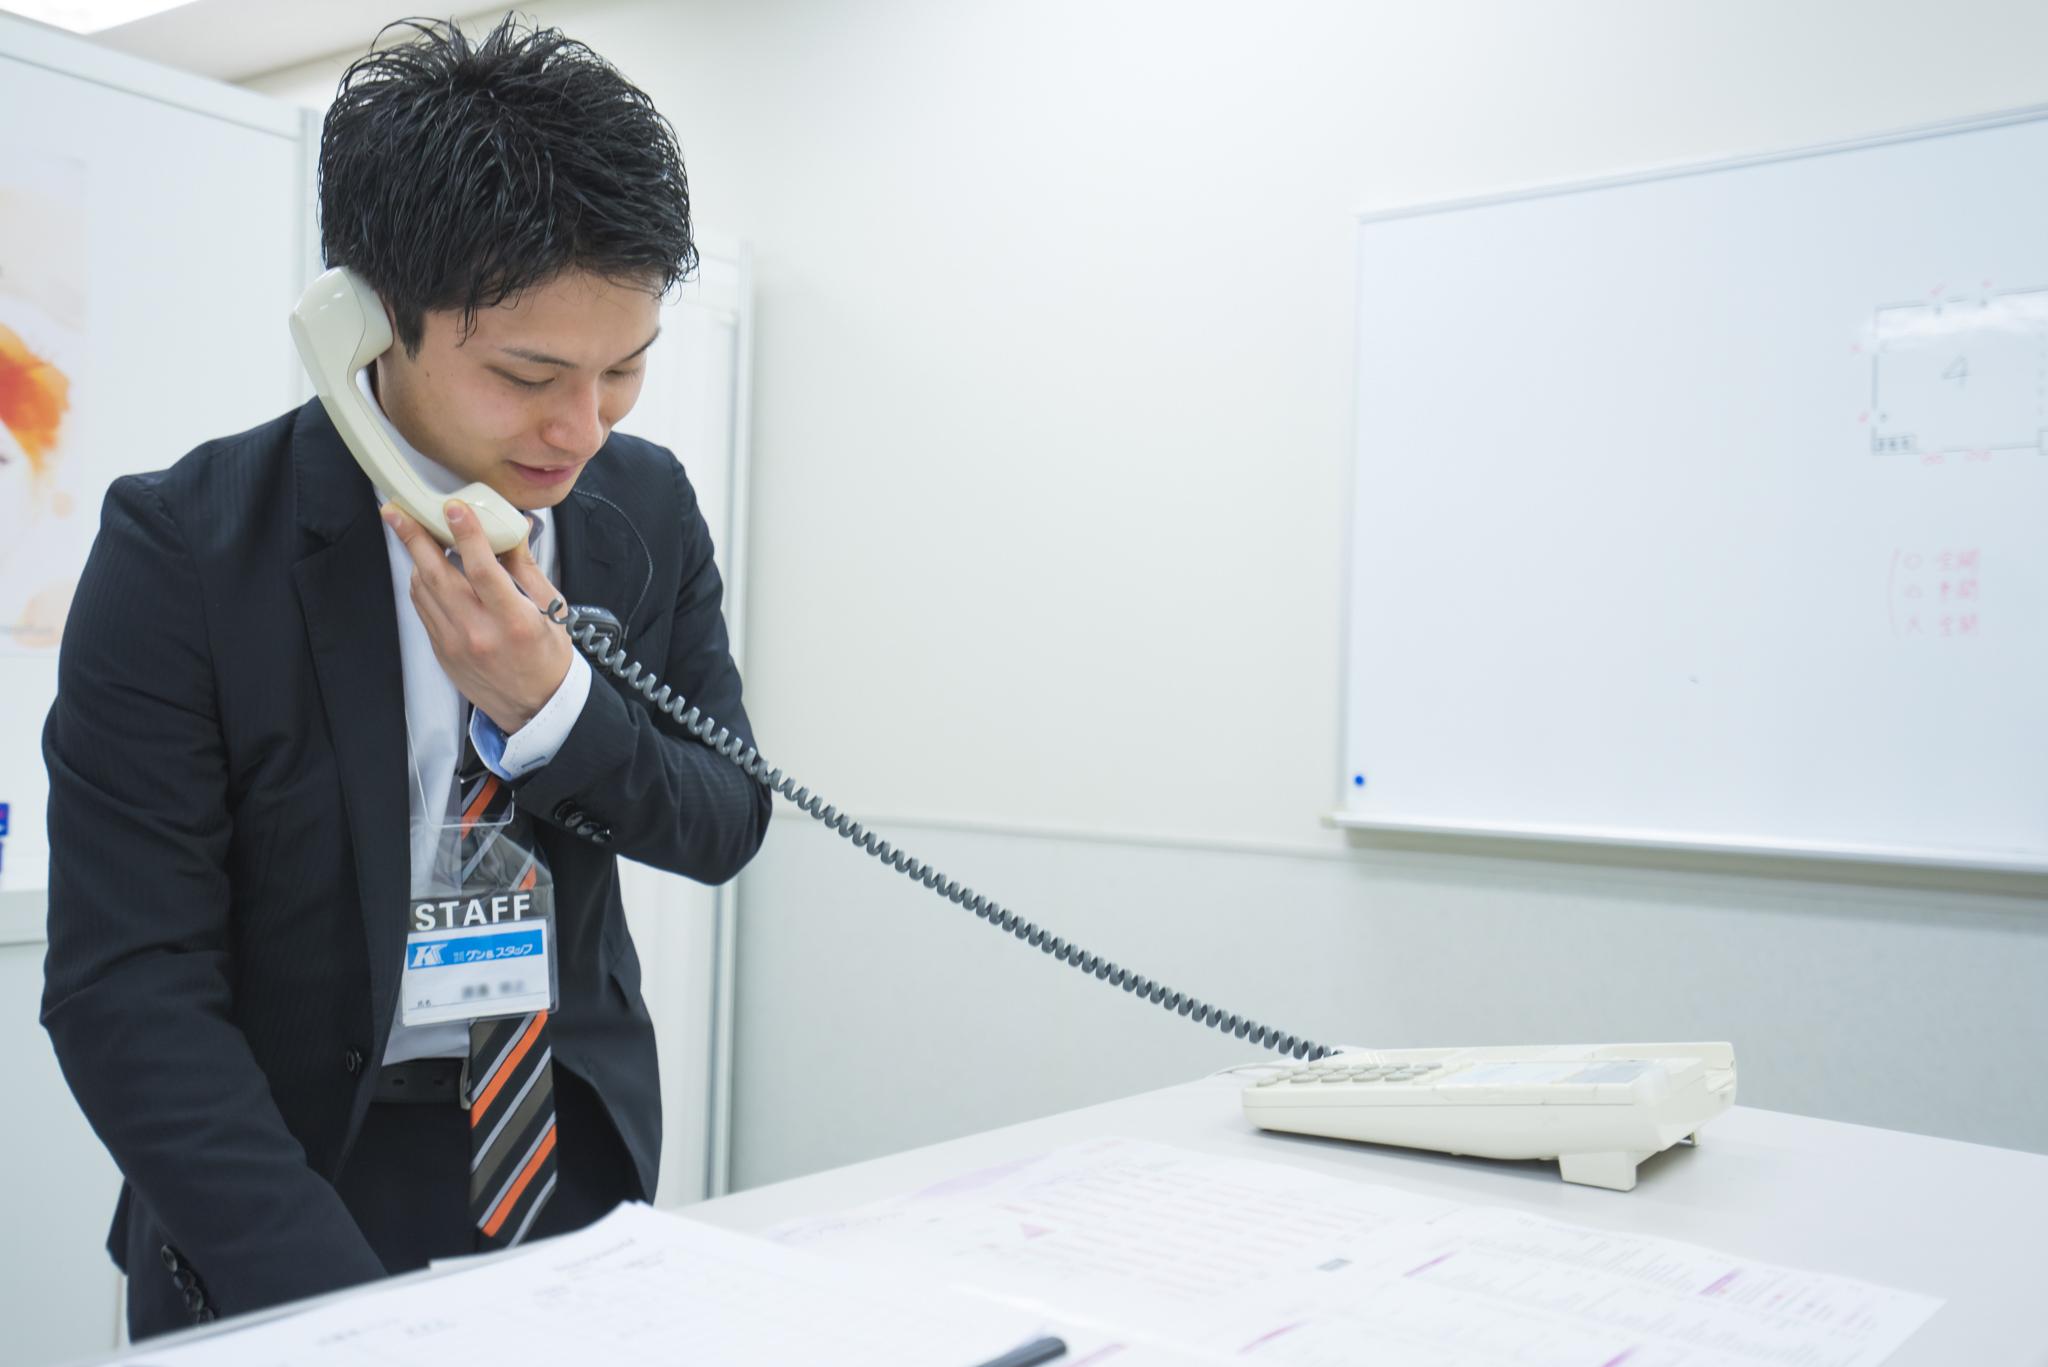 株式会社 ケン&スタッフ / ケンスタ | イベント関連に伴う事前・事後対応業務-写真01